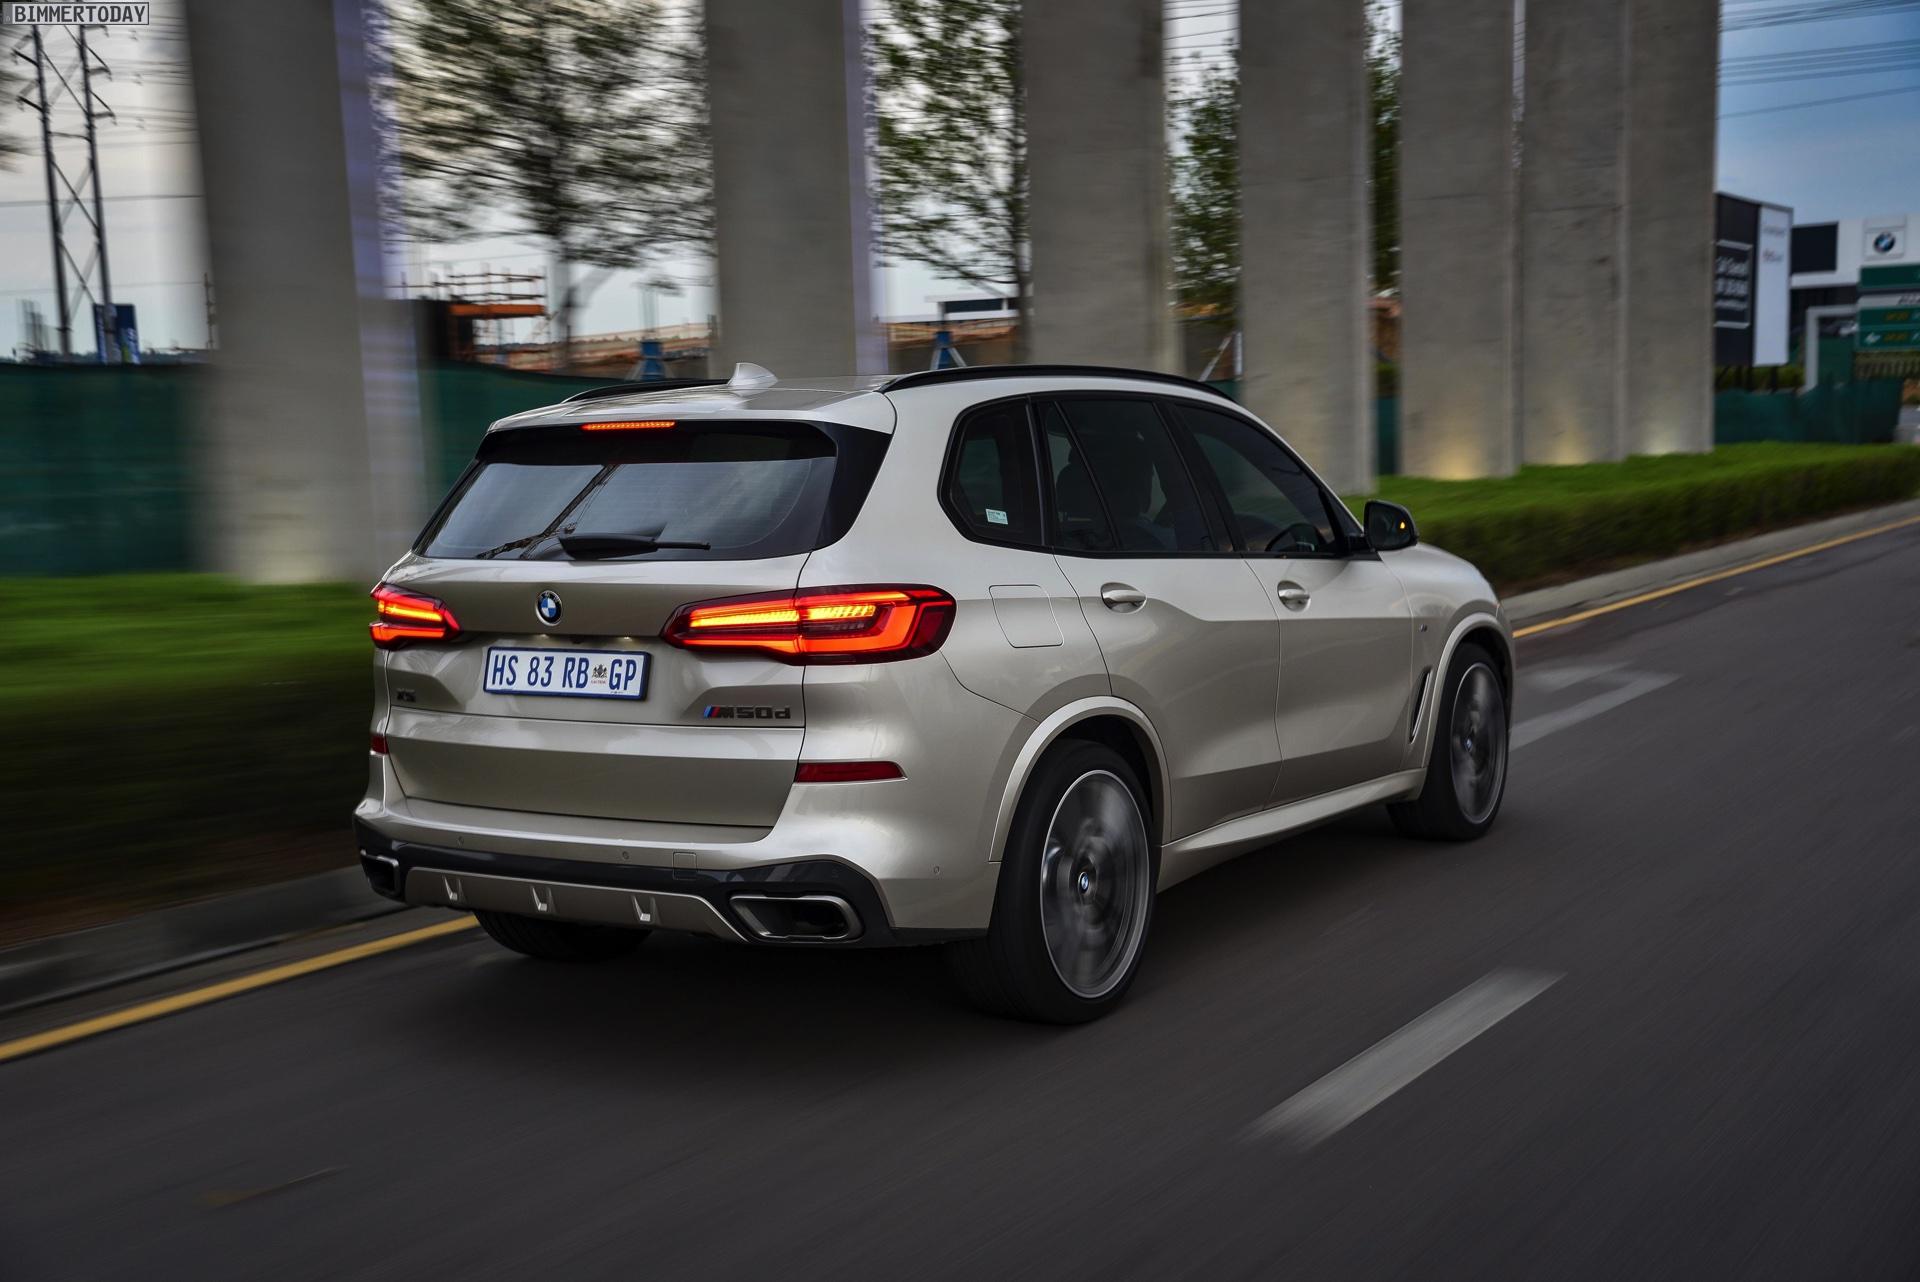 2019 - [BMW] X6 III (G06) - Page 5 2019-BMW-X5-M50d-G05-Sonnenstein-Metallic-06